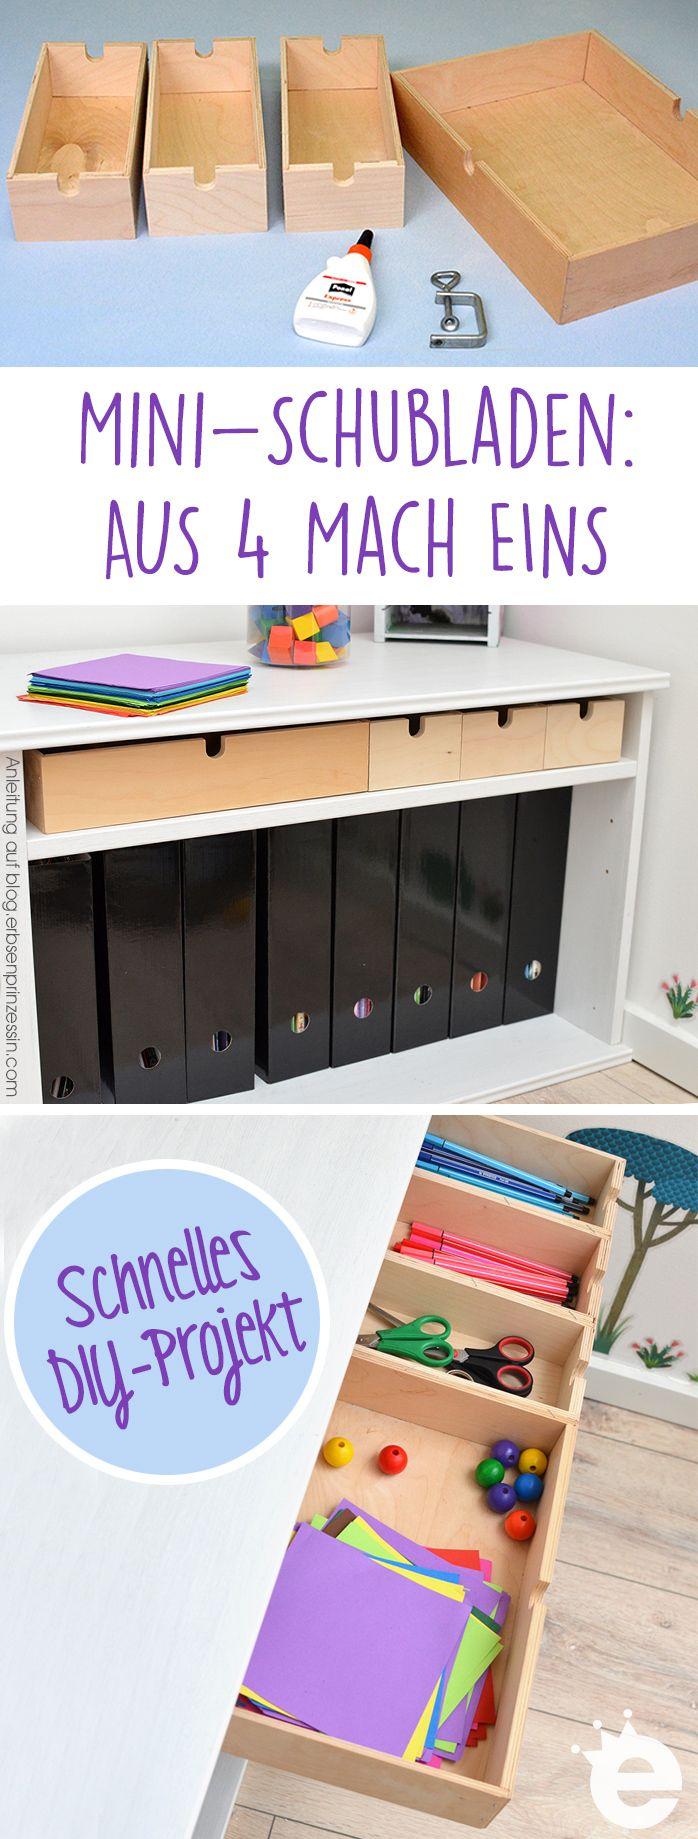 Mini-Schubladen: Aus 4 mach eins. DIY-Anleitung für einen Schubkasten mit Sortierfächern . IKEA-Hack Kommode Fira / Moppe